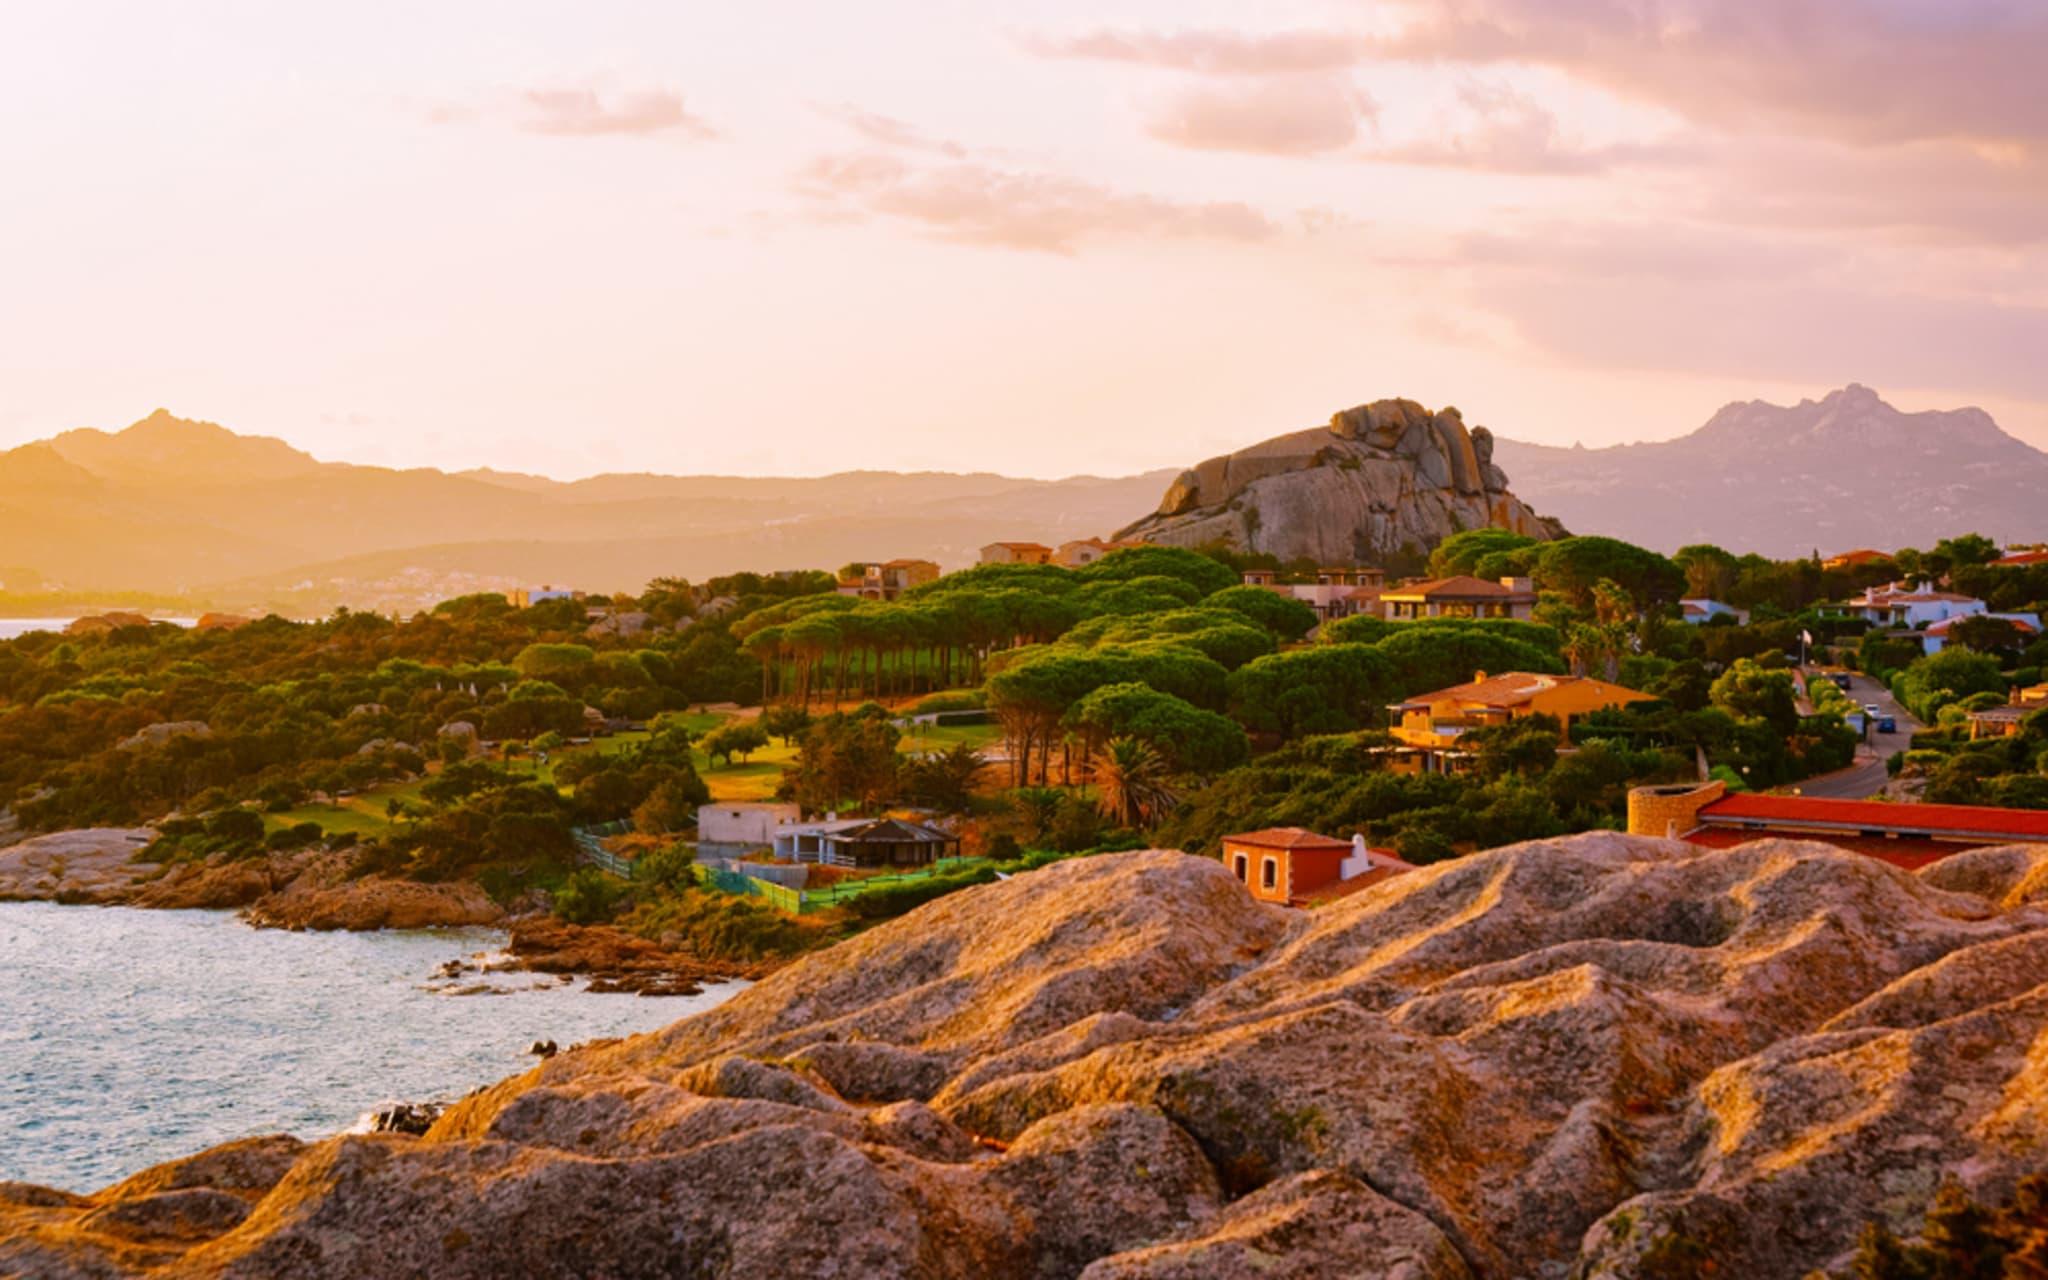 Sardinia - Sunset on the Green Coast